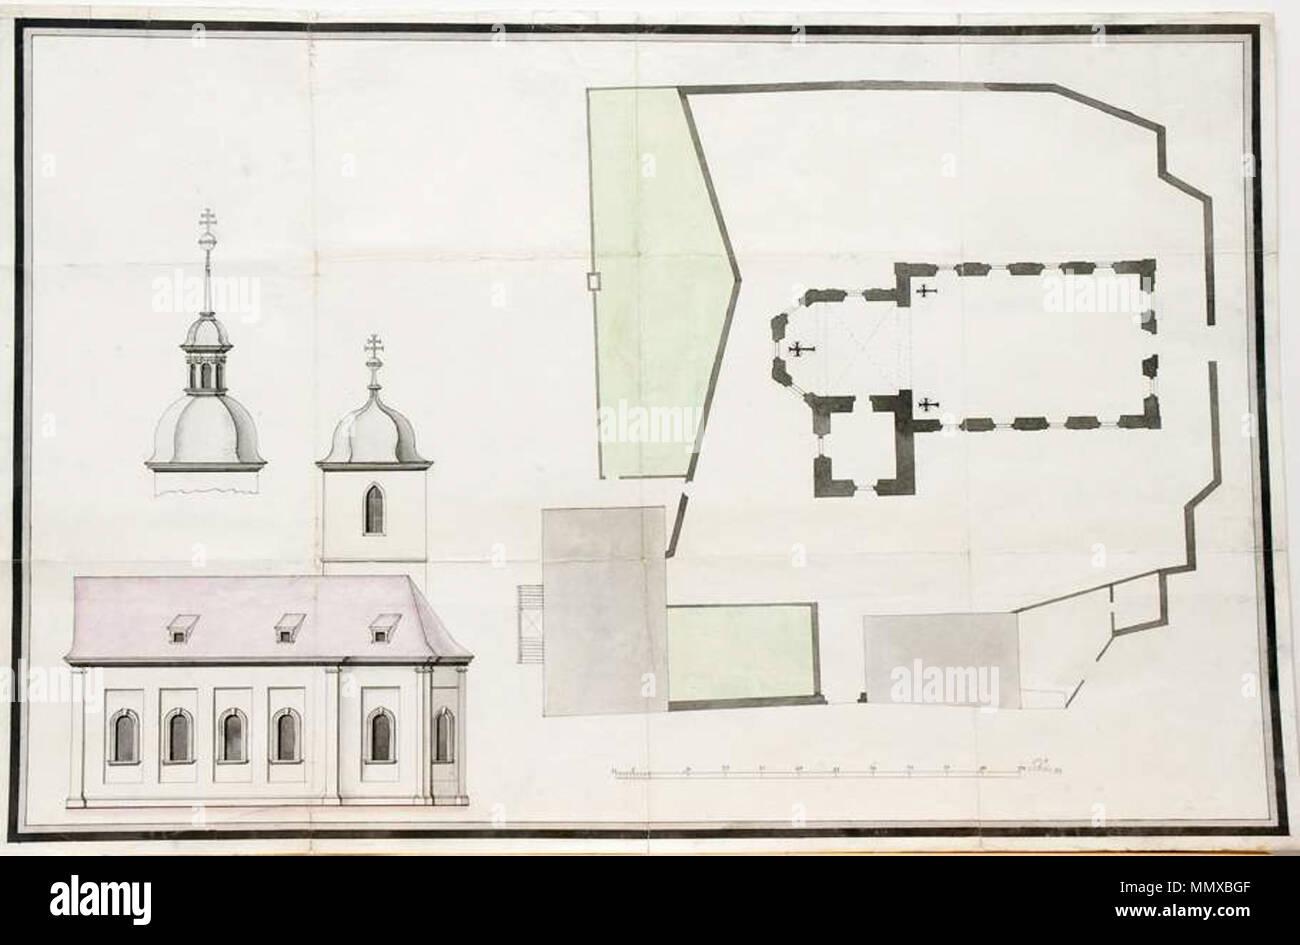 Balthasar Neumann Und Atelier Entwurf Für Die Pfarrkirche St